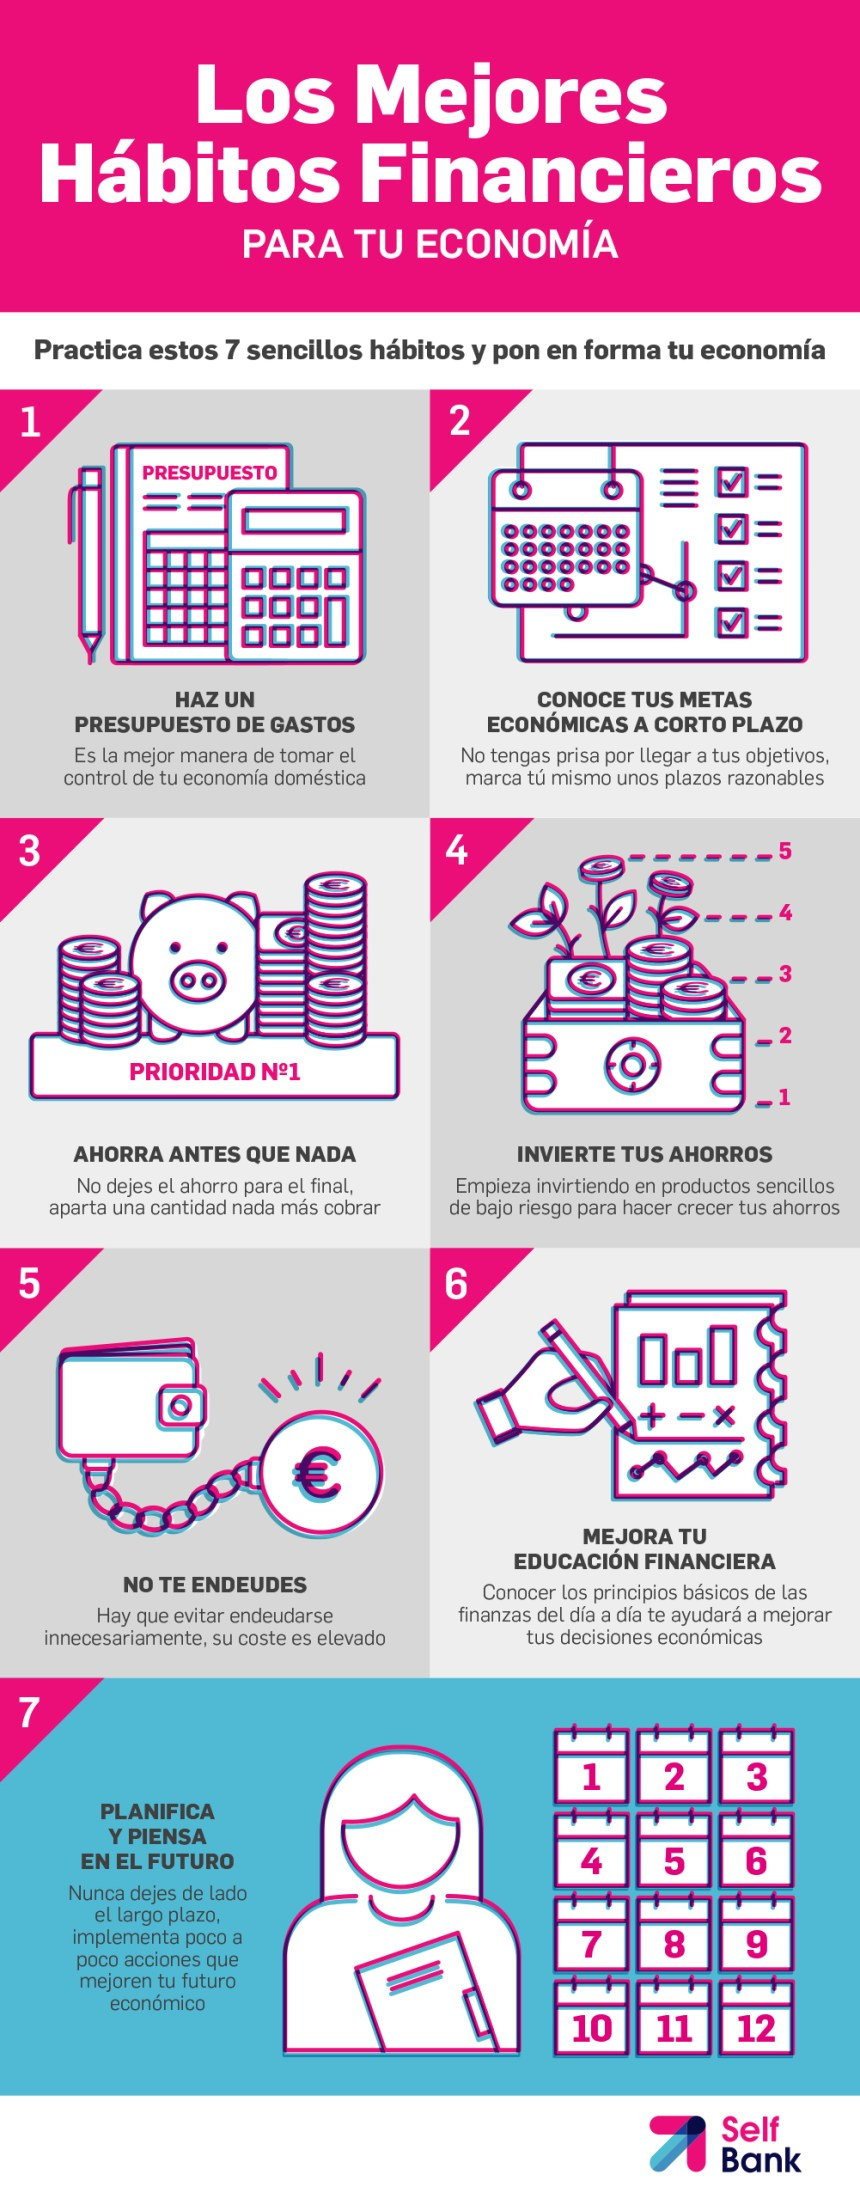 Los mejores hábitos financieros para tu Economía